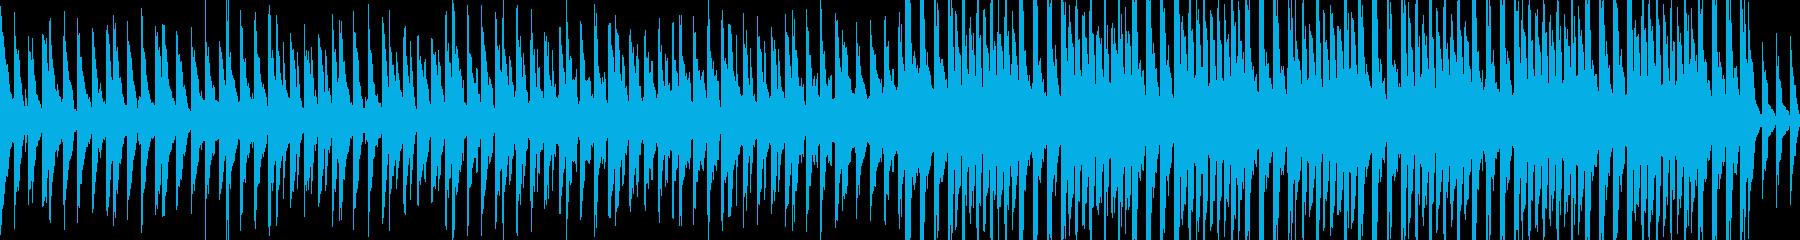 キャッチーなシンセポップ。レディー...の再生済みの波形